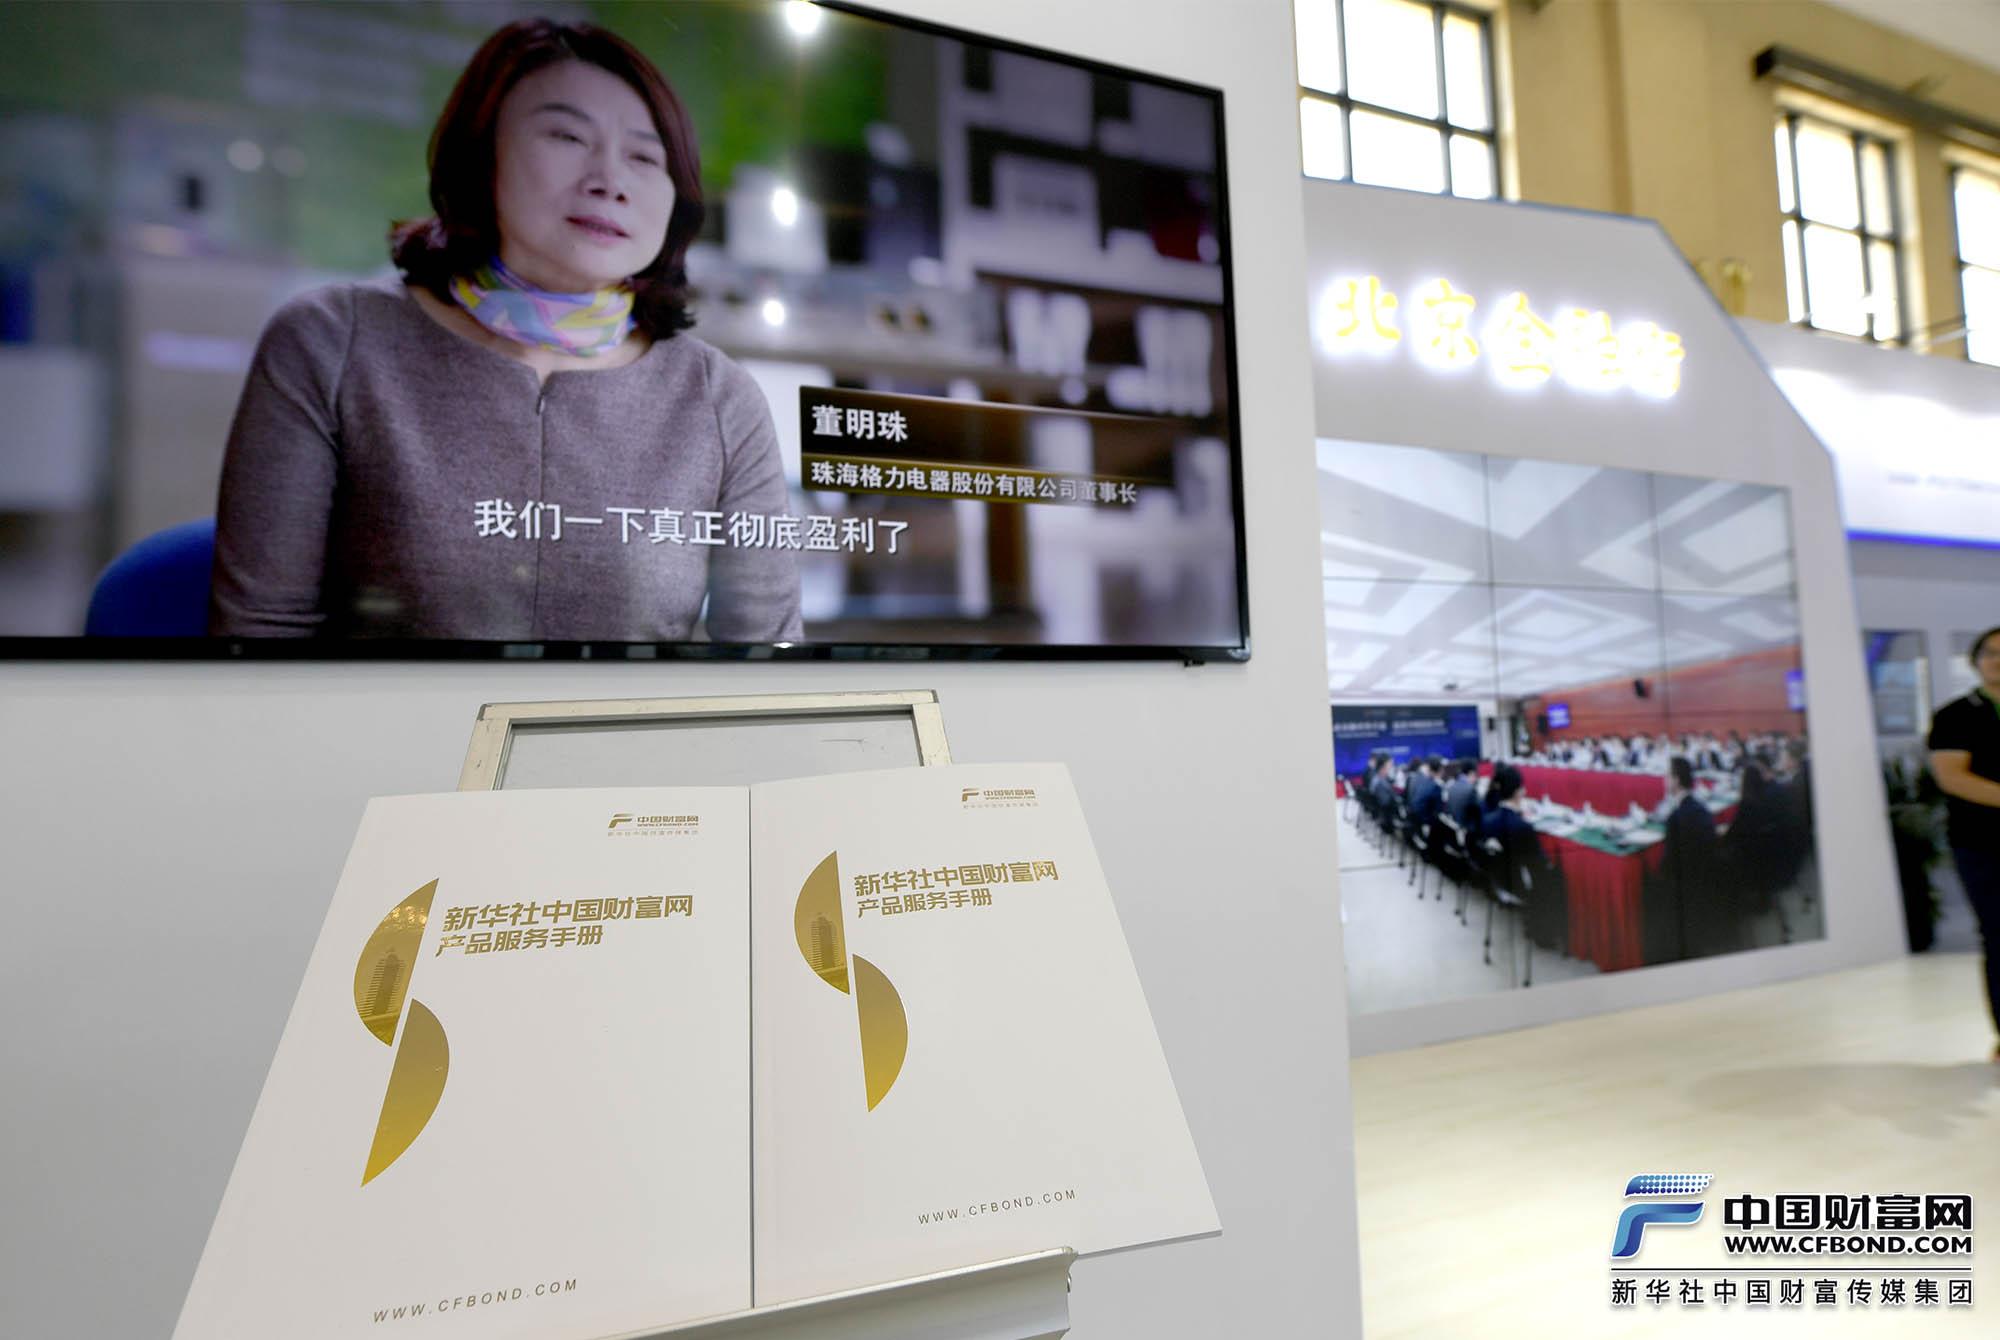 新华社中国财富网产品服务手册亮相2019年京交会金融服务展